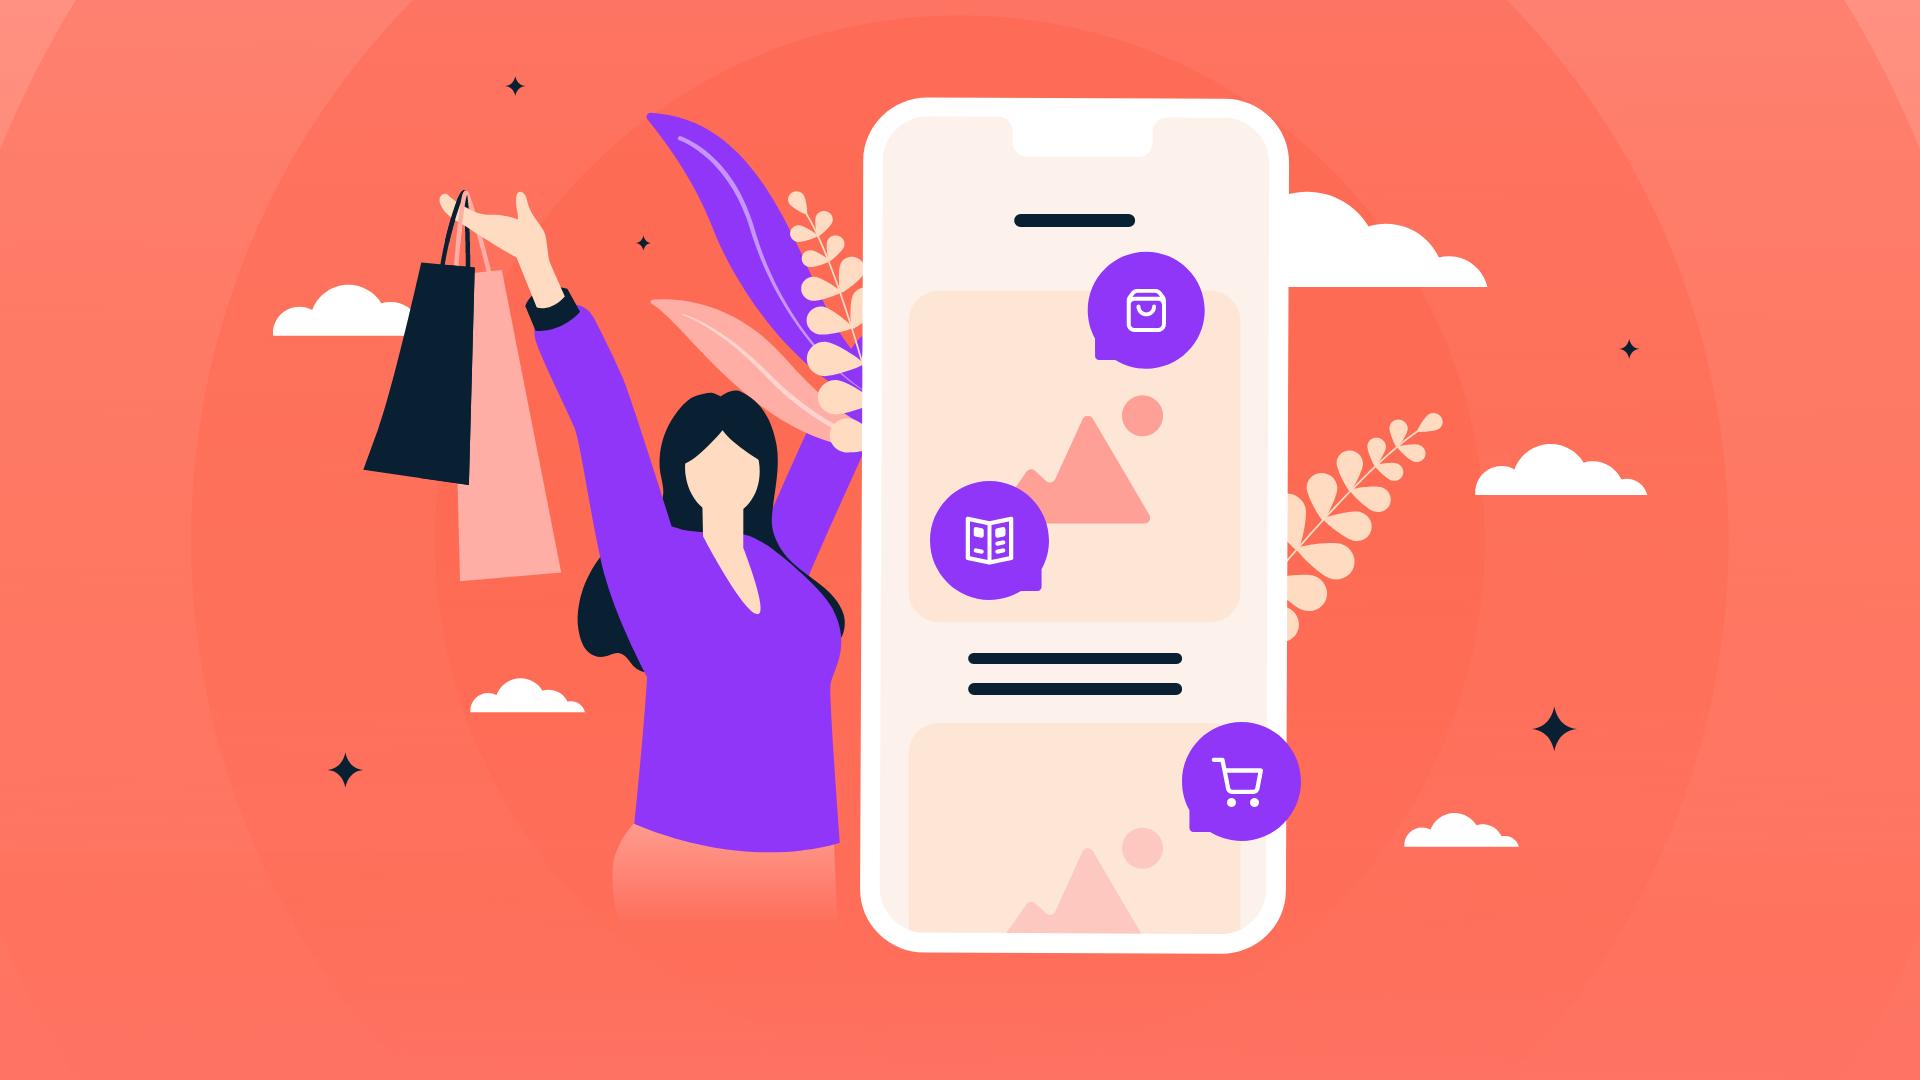 3 ferramentas para potencializar as vendas no Instagram